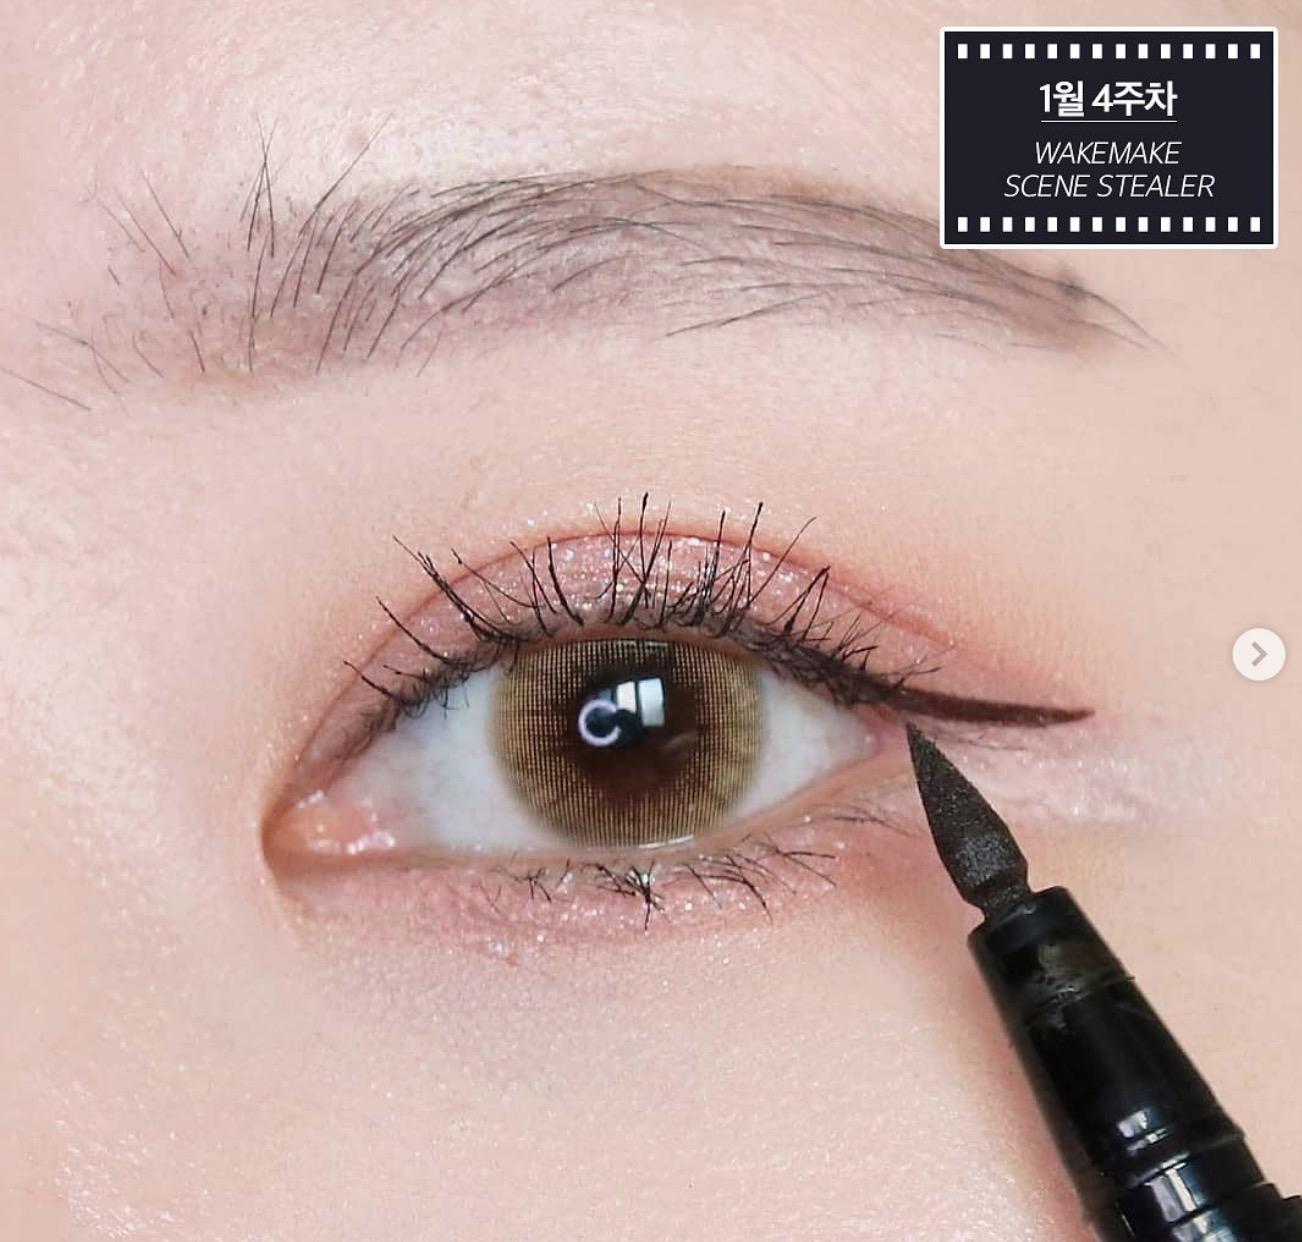 戴口罩時因為只露出眉、眼部分,所以把這區塊顧好就對了,主要可先用眼線液或者眼線筆把內眼線、眼尾線條先畫好